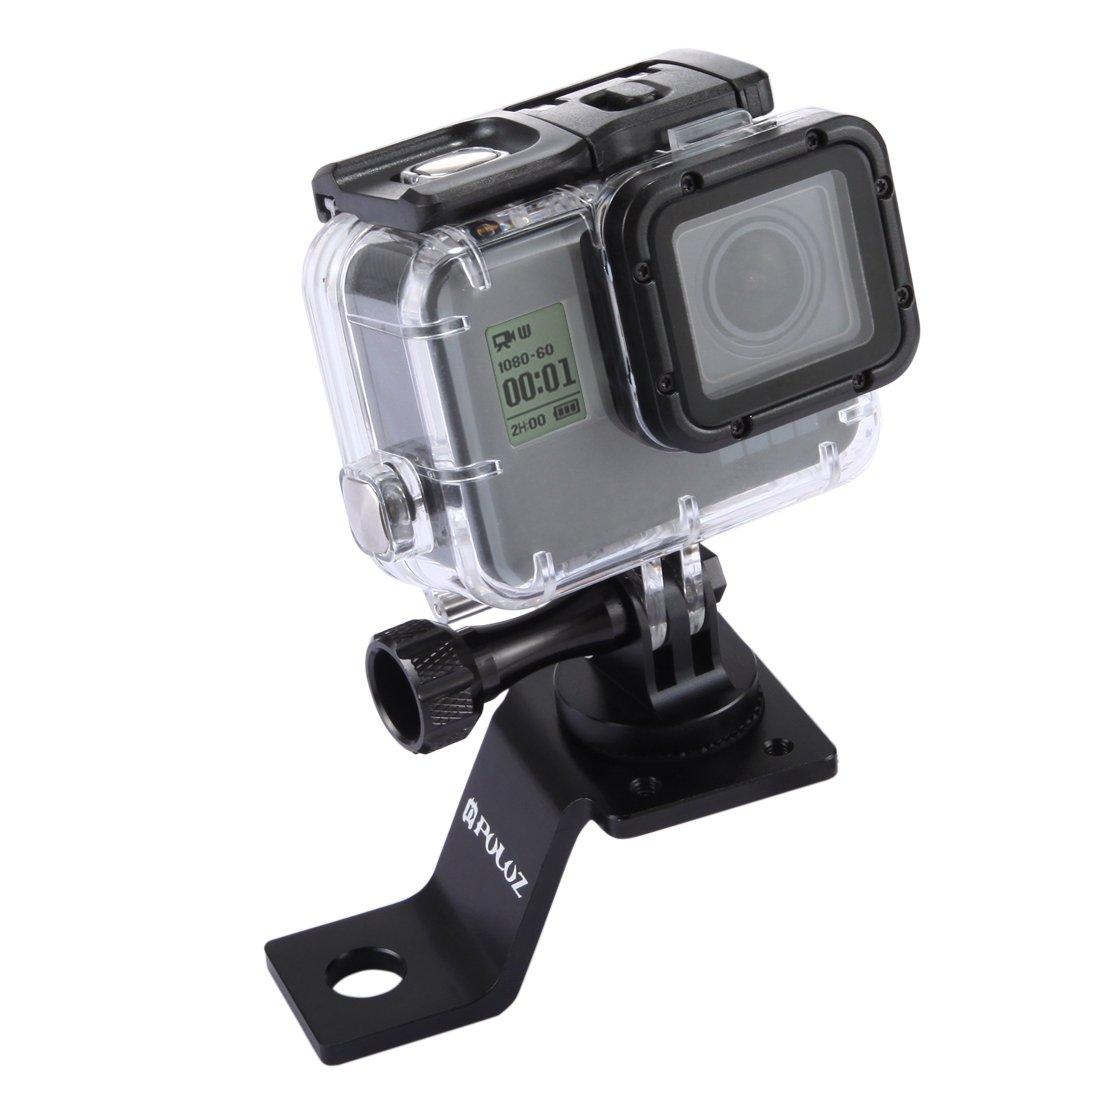 Puluz accessori moto specchio/bullone supporto fisso metallo bici supporto per GoPro Hero 5 4 sessione nero argento 4 3 3 2 sport Action Camera (Oro)